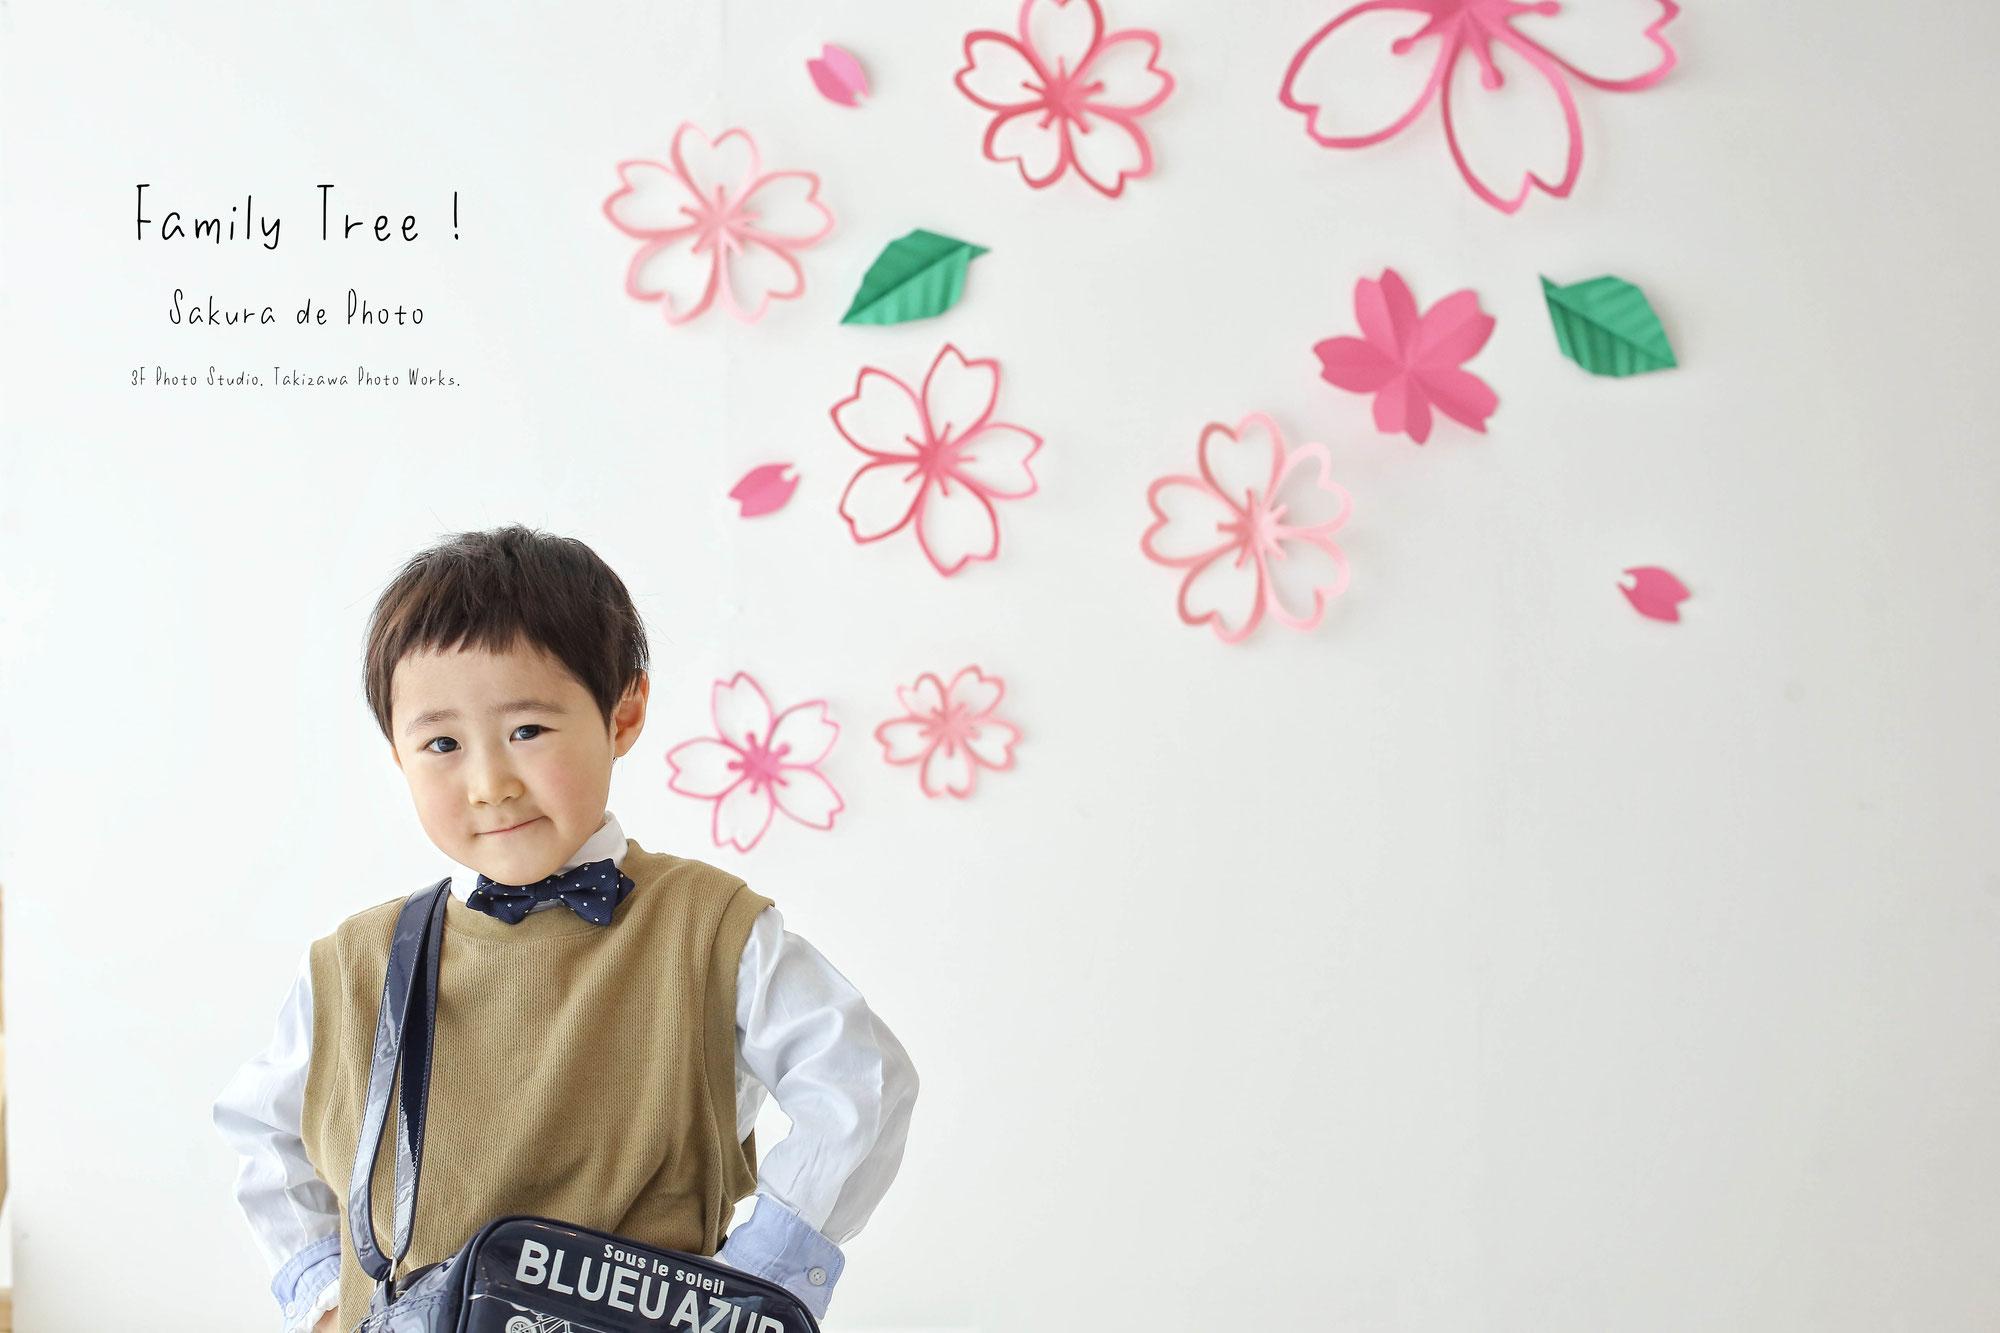 新潟市にある 3F Photo Studio.の入園記念写真!